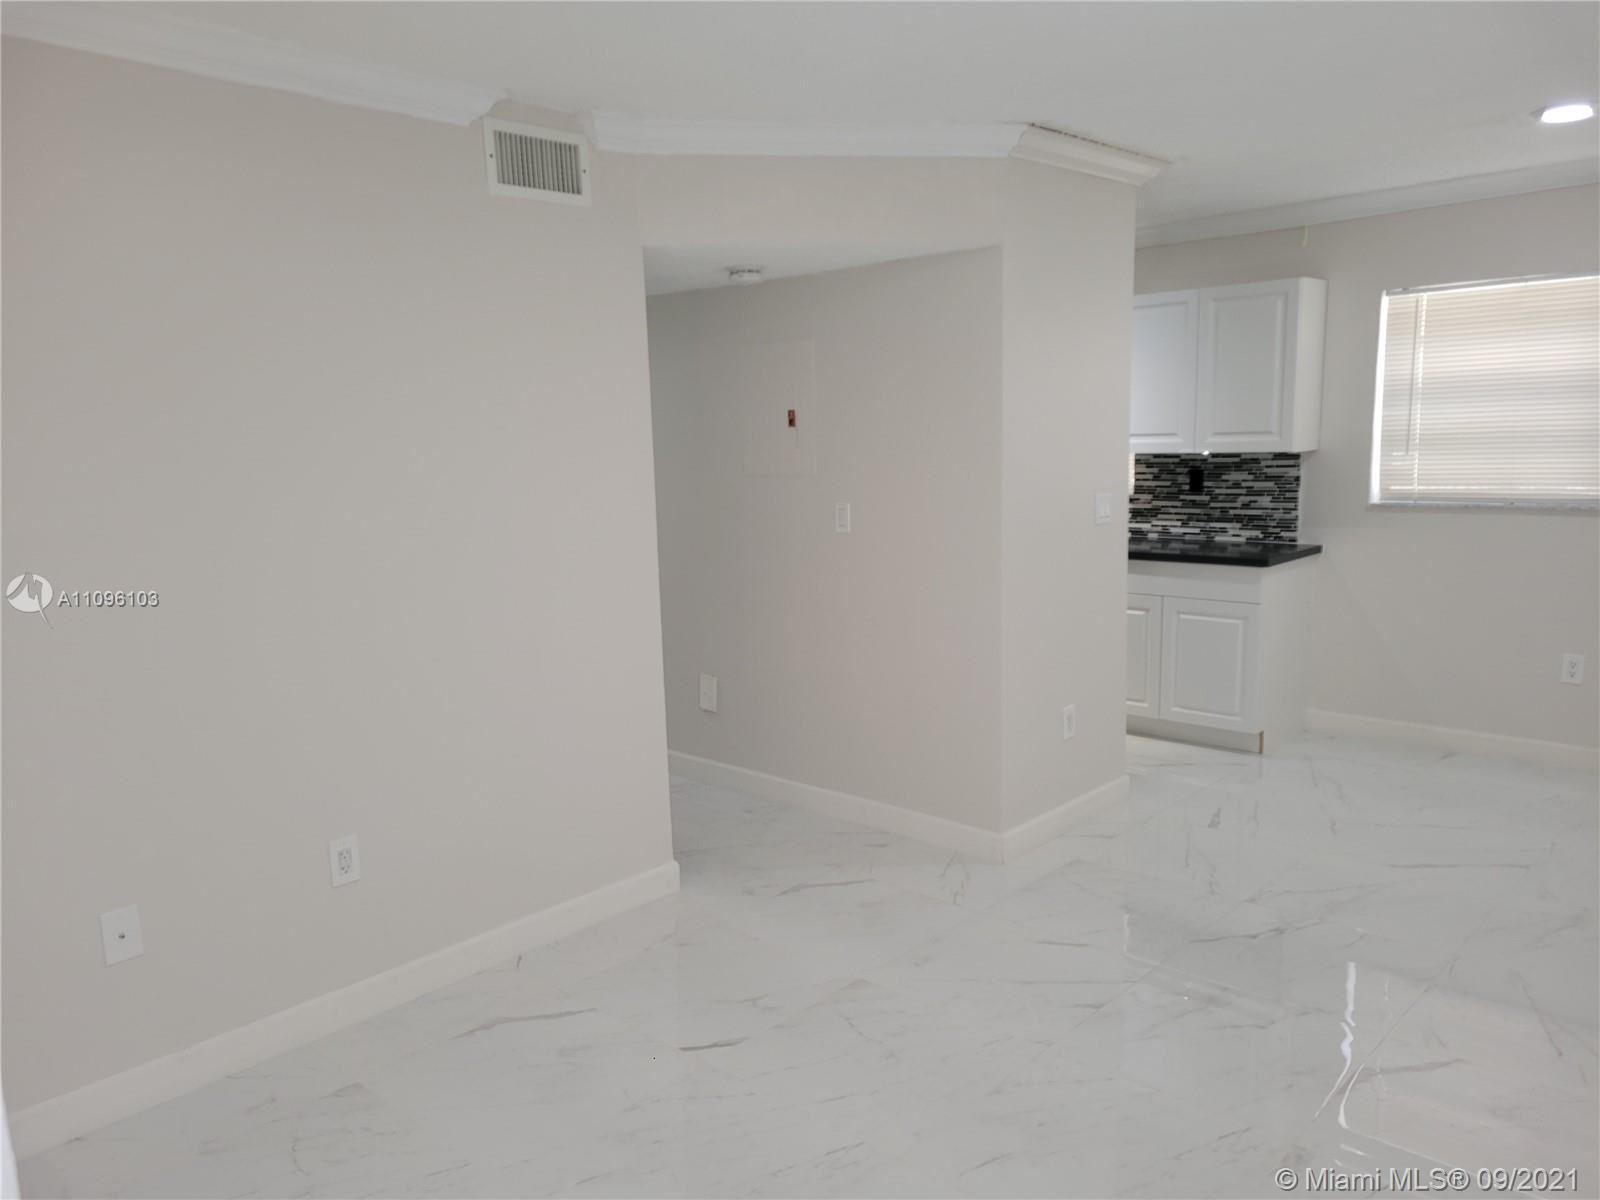 5965 W 26th Ave #104, Hialeah, FL 33016 - #: A11096103